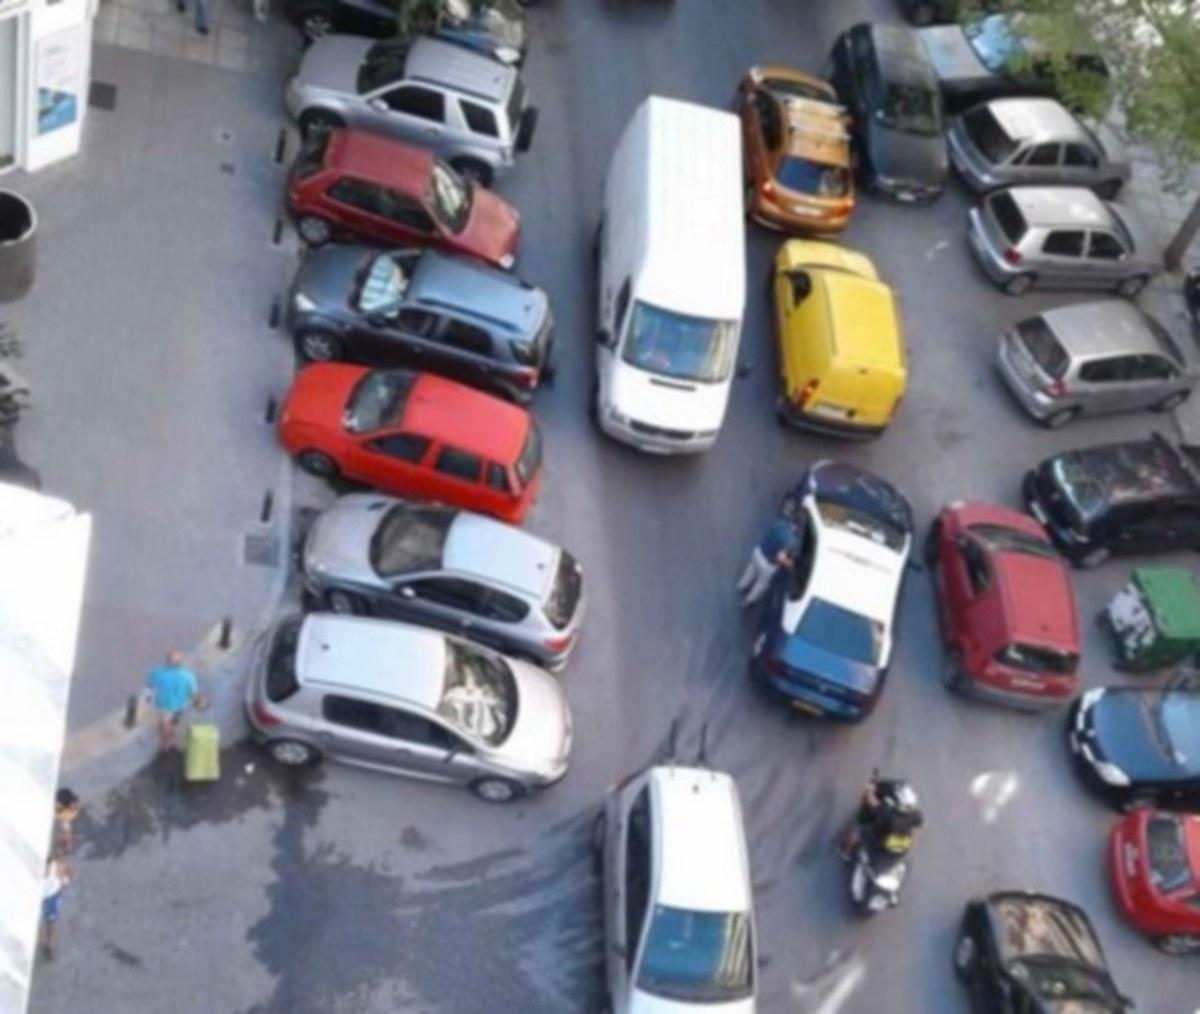 Θεσσαλονίκη: Εικόνες κυκλοφοριακής τρέλας – Οδηγοί παρκάρουν όπου τους καπνίσει και φεύγουν [pics, vid] | Newsit.gr